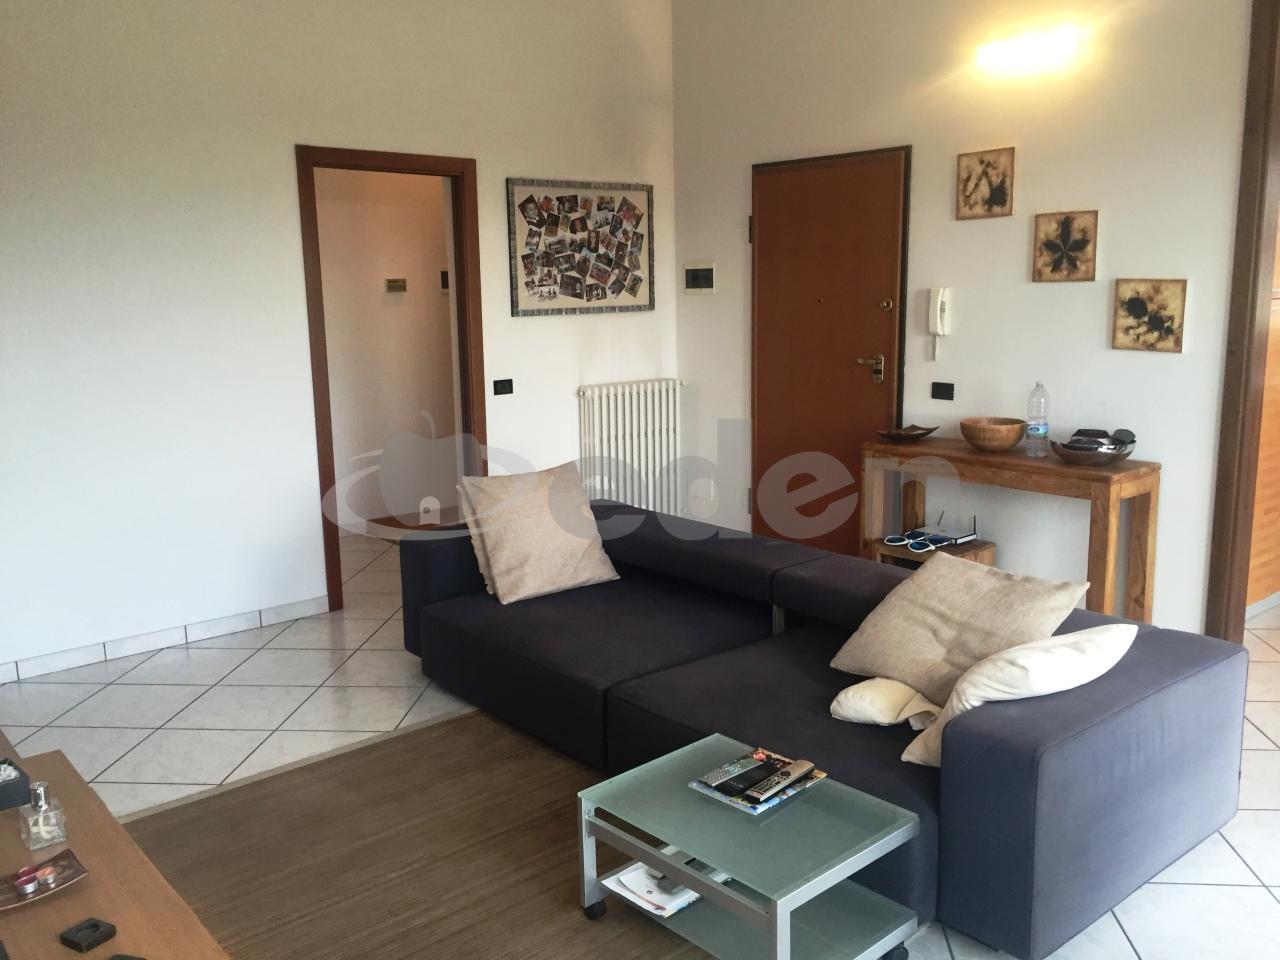 Appartamento in vendita a Castelfranco Emilia, 5 locali, prezzo € 235.000   PortaleAgenzieImmobiliari.it